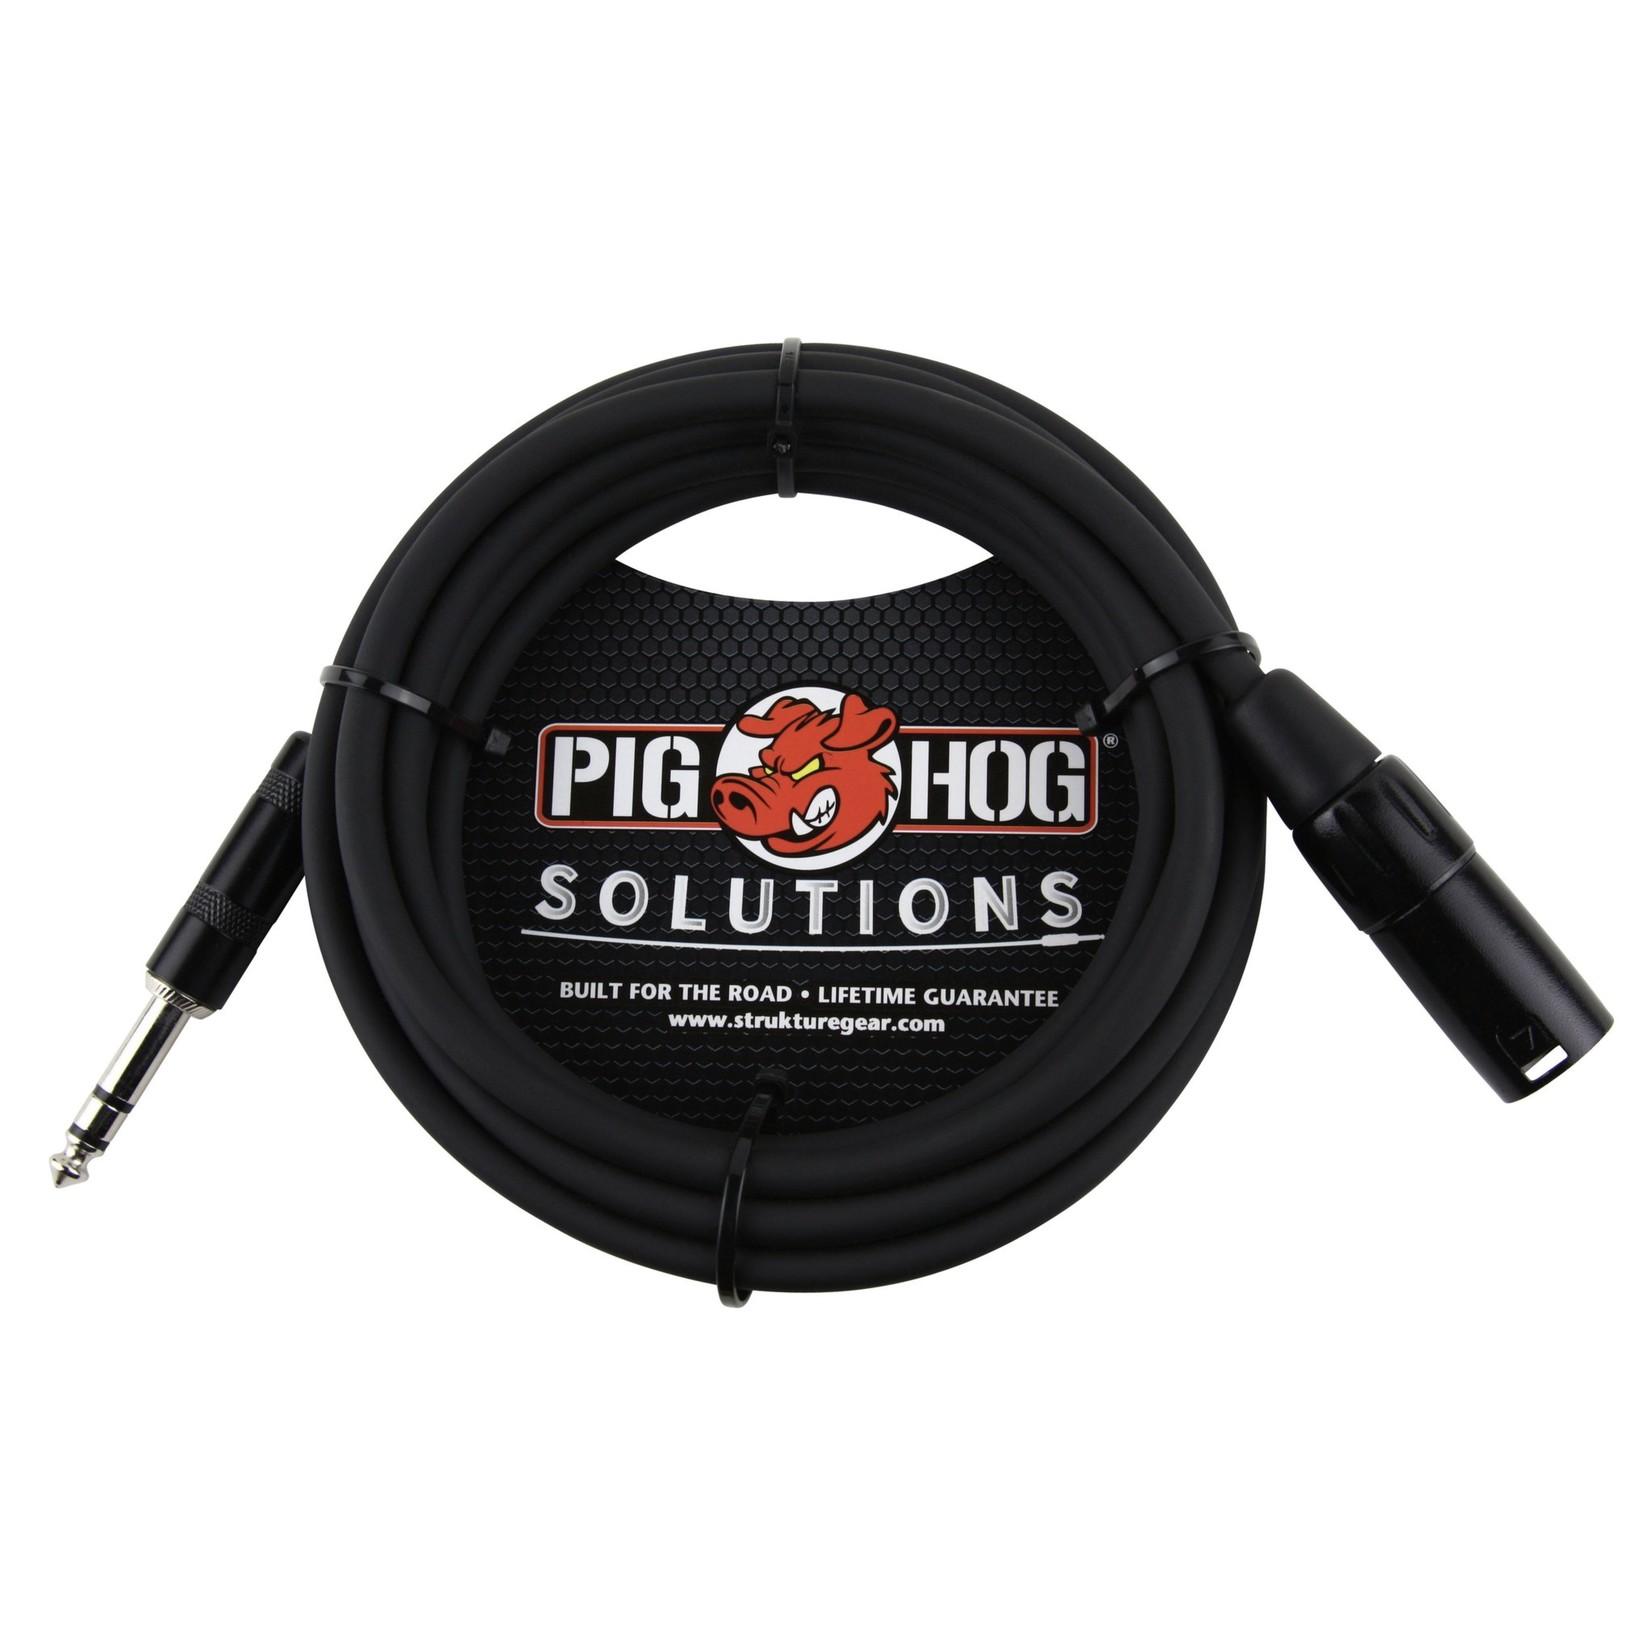 """Pig Hog Pig Hog Solutions 5-foot 1/4"""" TRS(Male)-XLR(Male) Balanced Cable (PX-TMXM05)"""